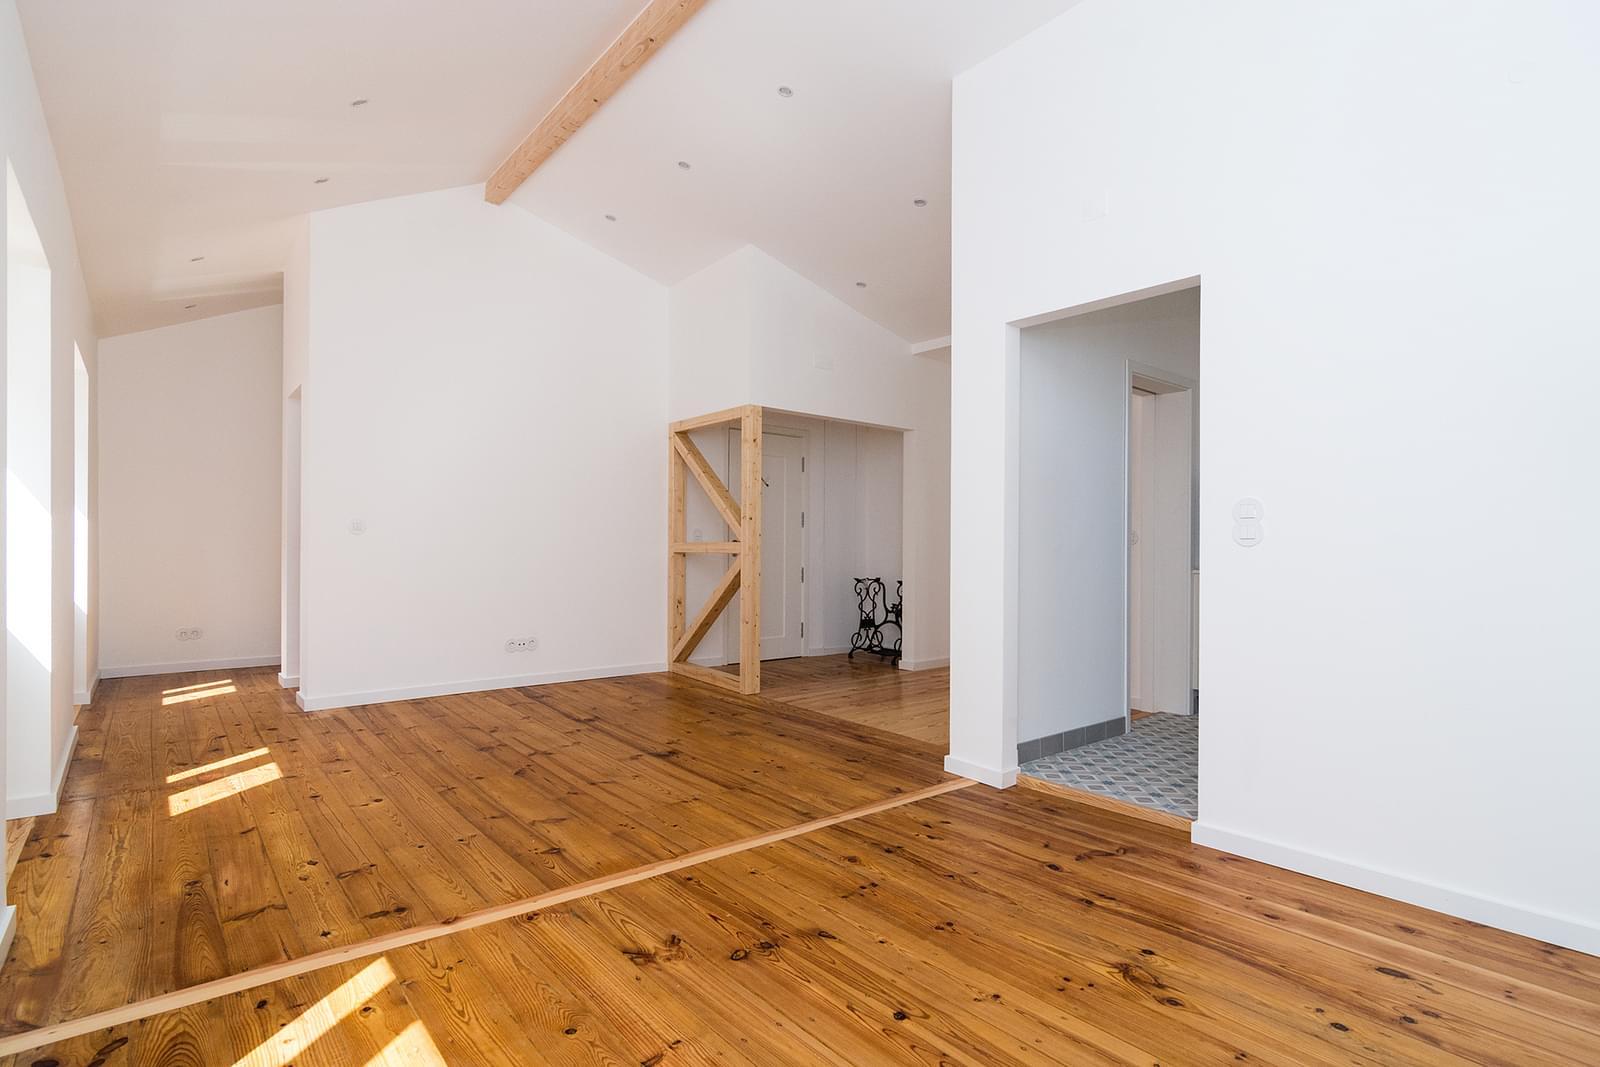 pf16908-apartamento-t2-lisboa-01b1a29b-3c74-4696-af74-edc95e95c88d